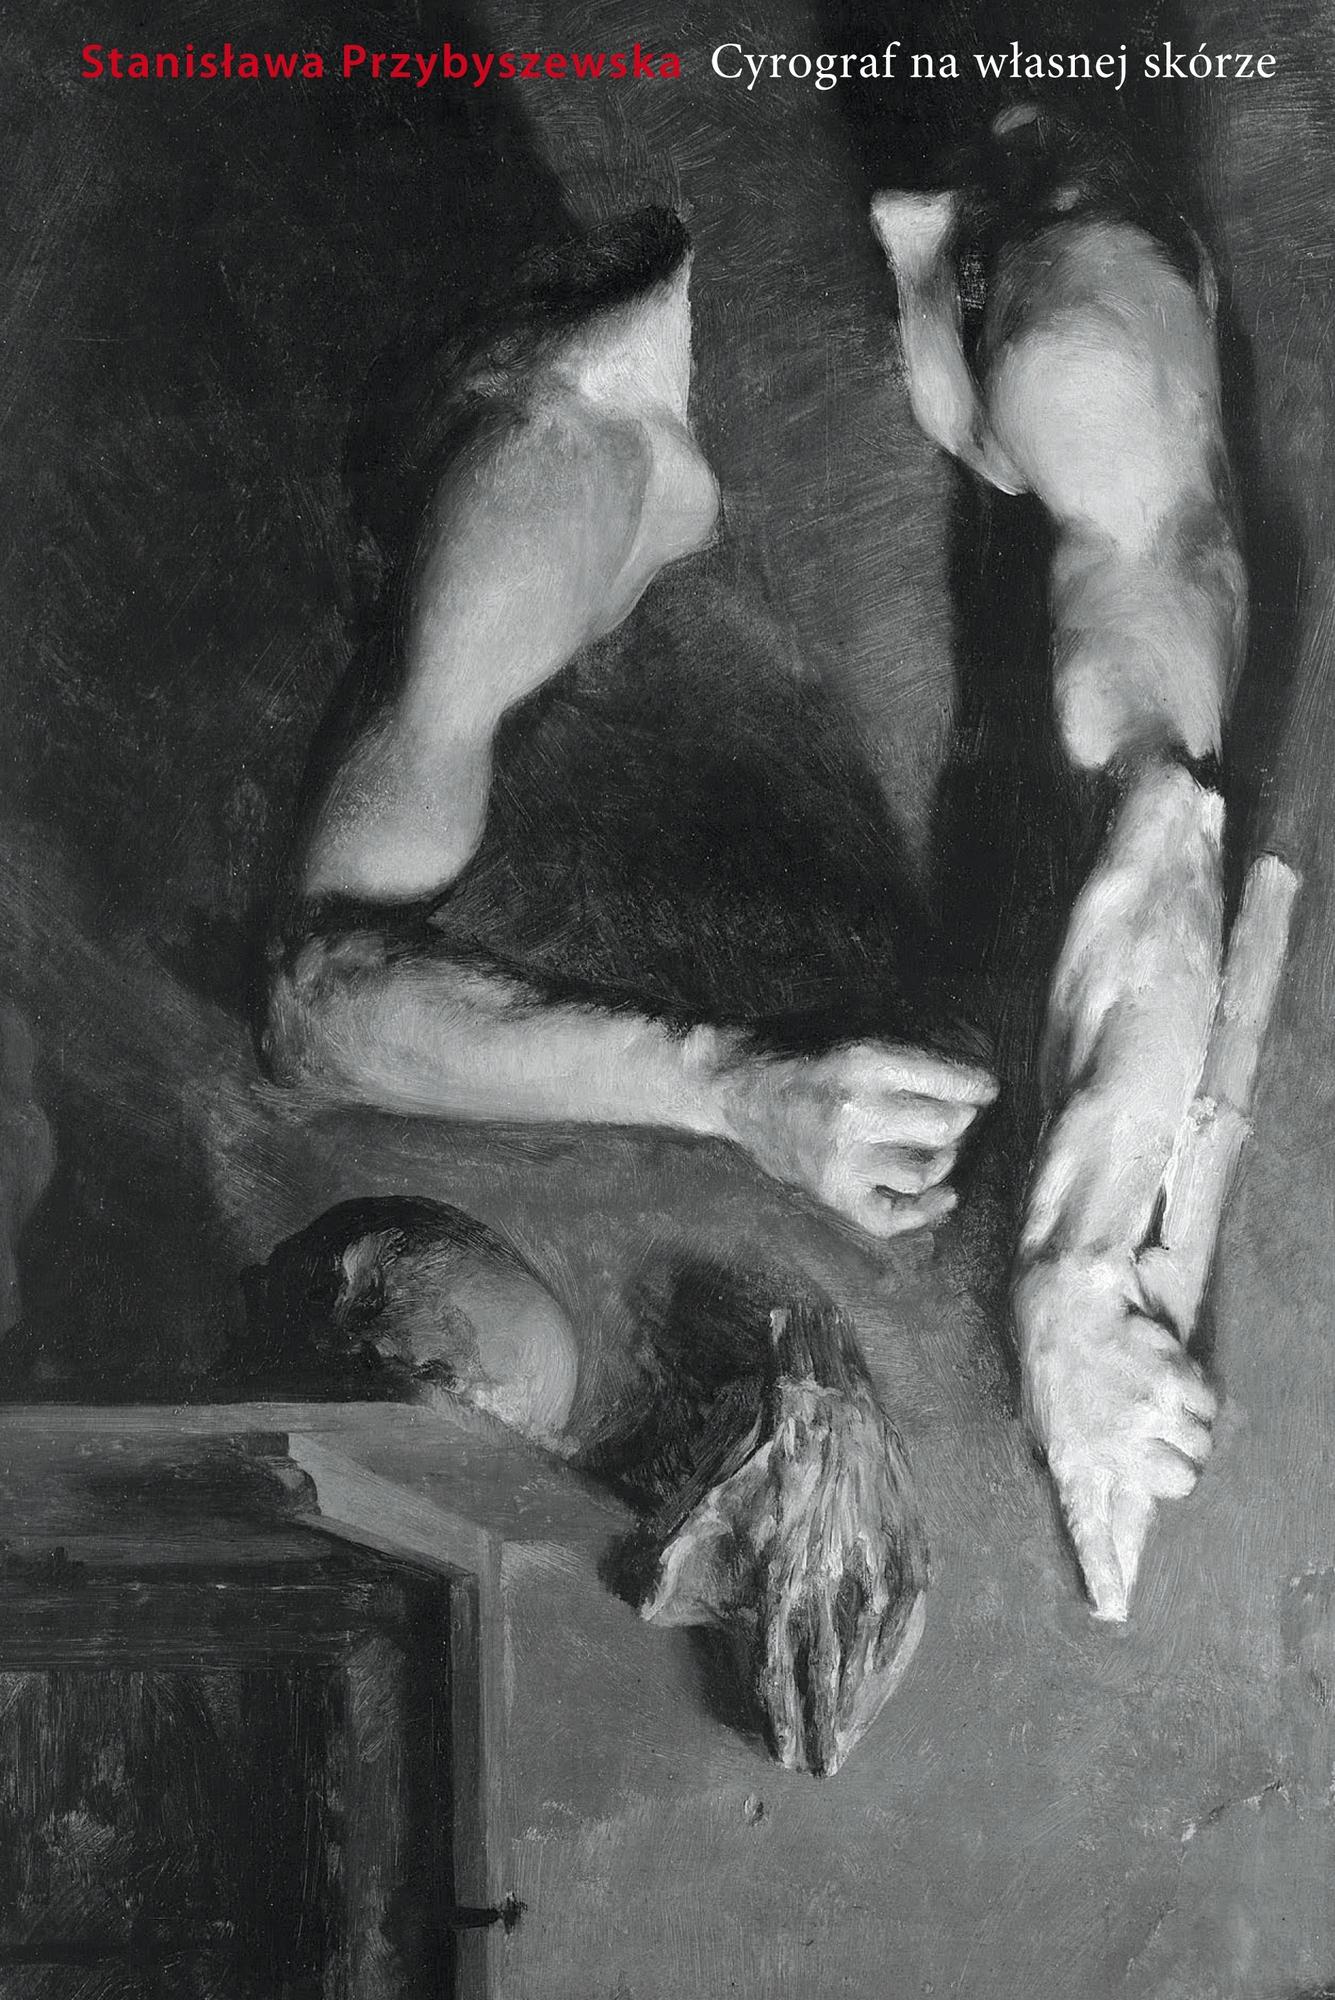 """Stanisława Przybyszewska, """"Cyrograf na własnej skórze i inne opowiadania"""" – okładka (źródło: materiały prasowe wydawcy)"""